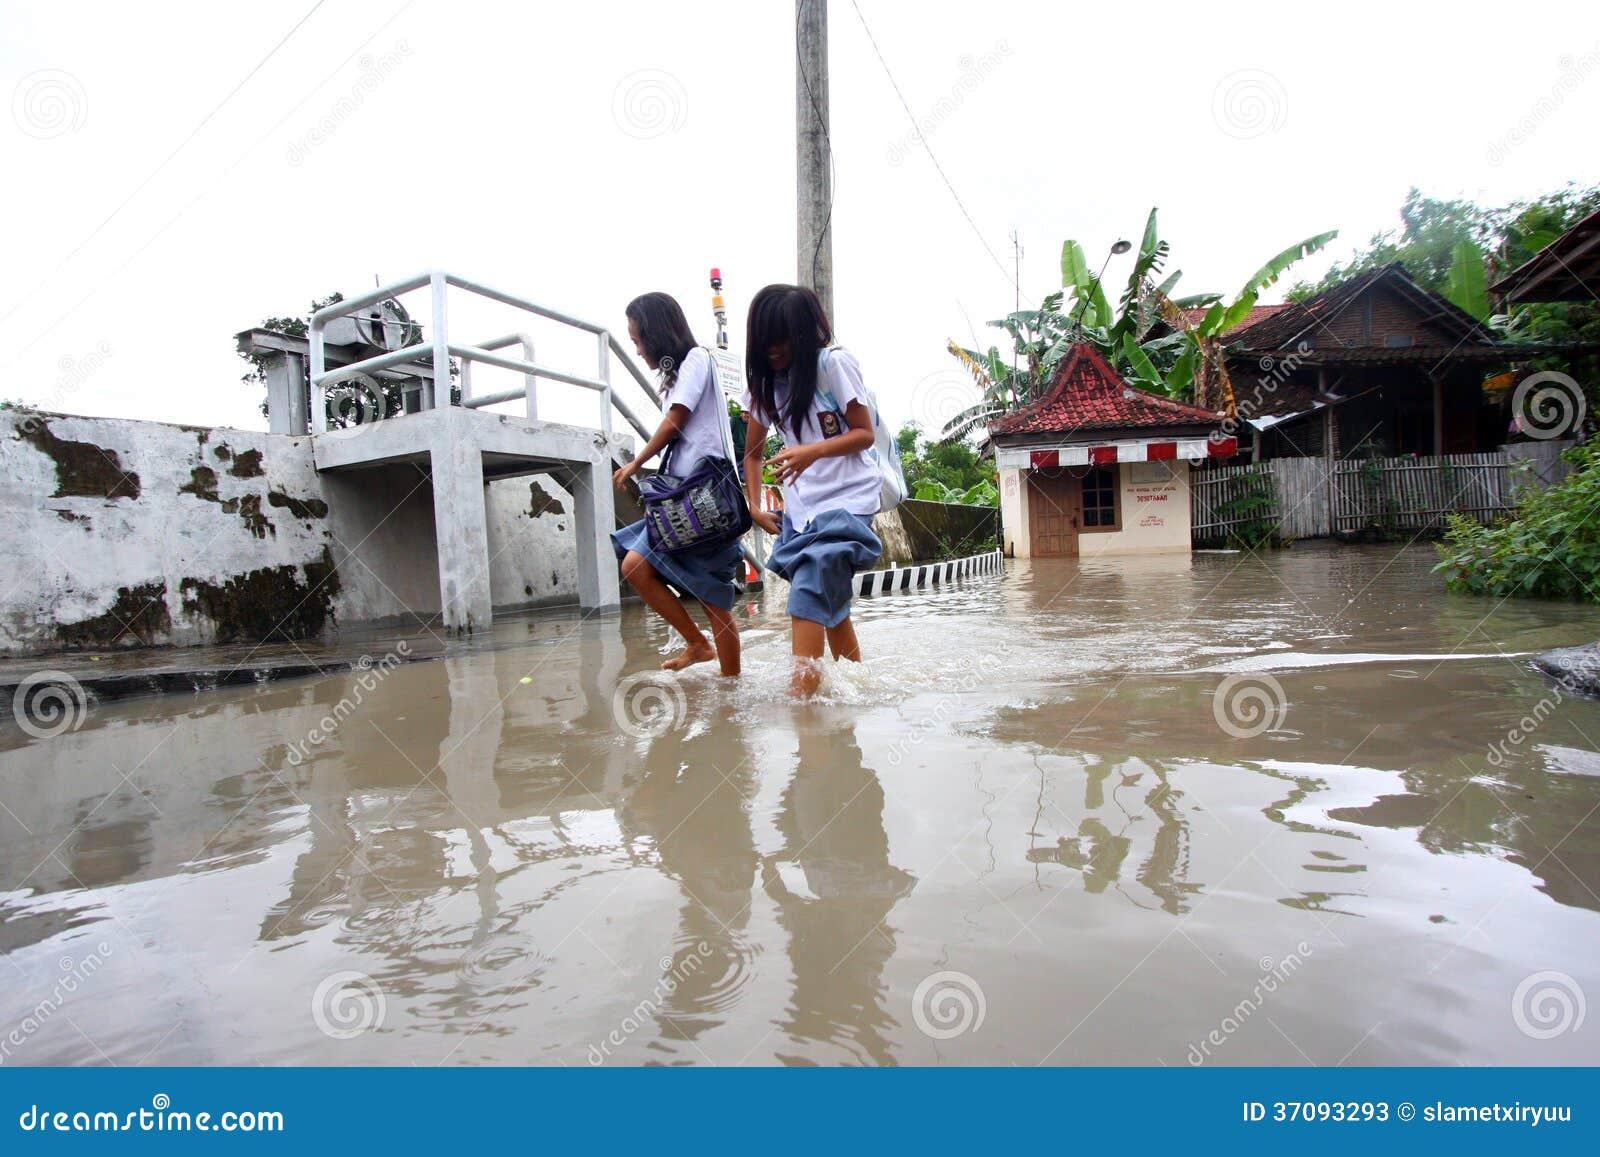 Download Pobyt W Szkole Podczas Powodzi Zdjęcie Stock Editorial - Obraz złożonej z uczeń, rzeki: 37093293